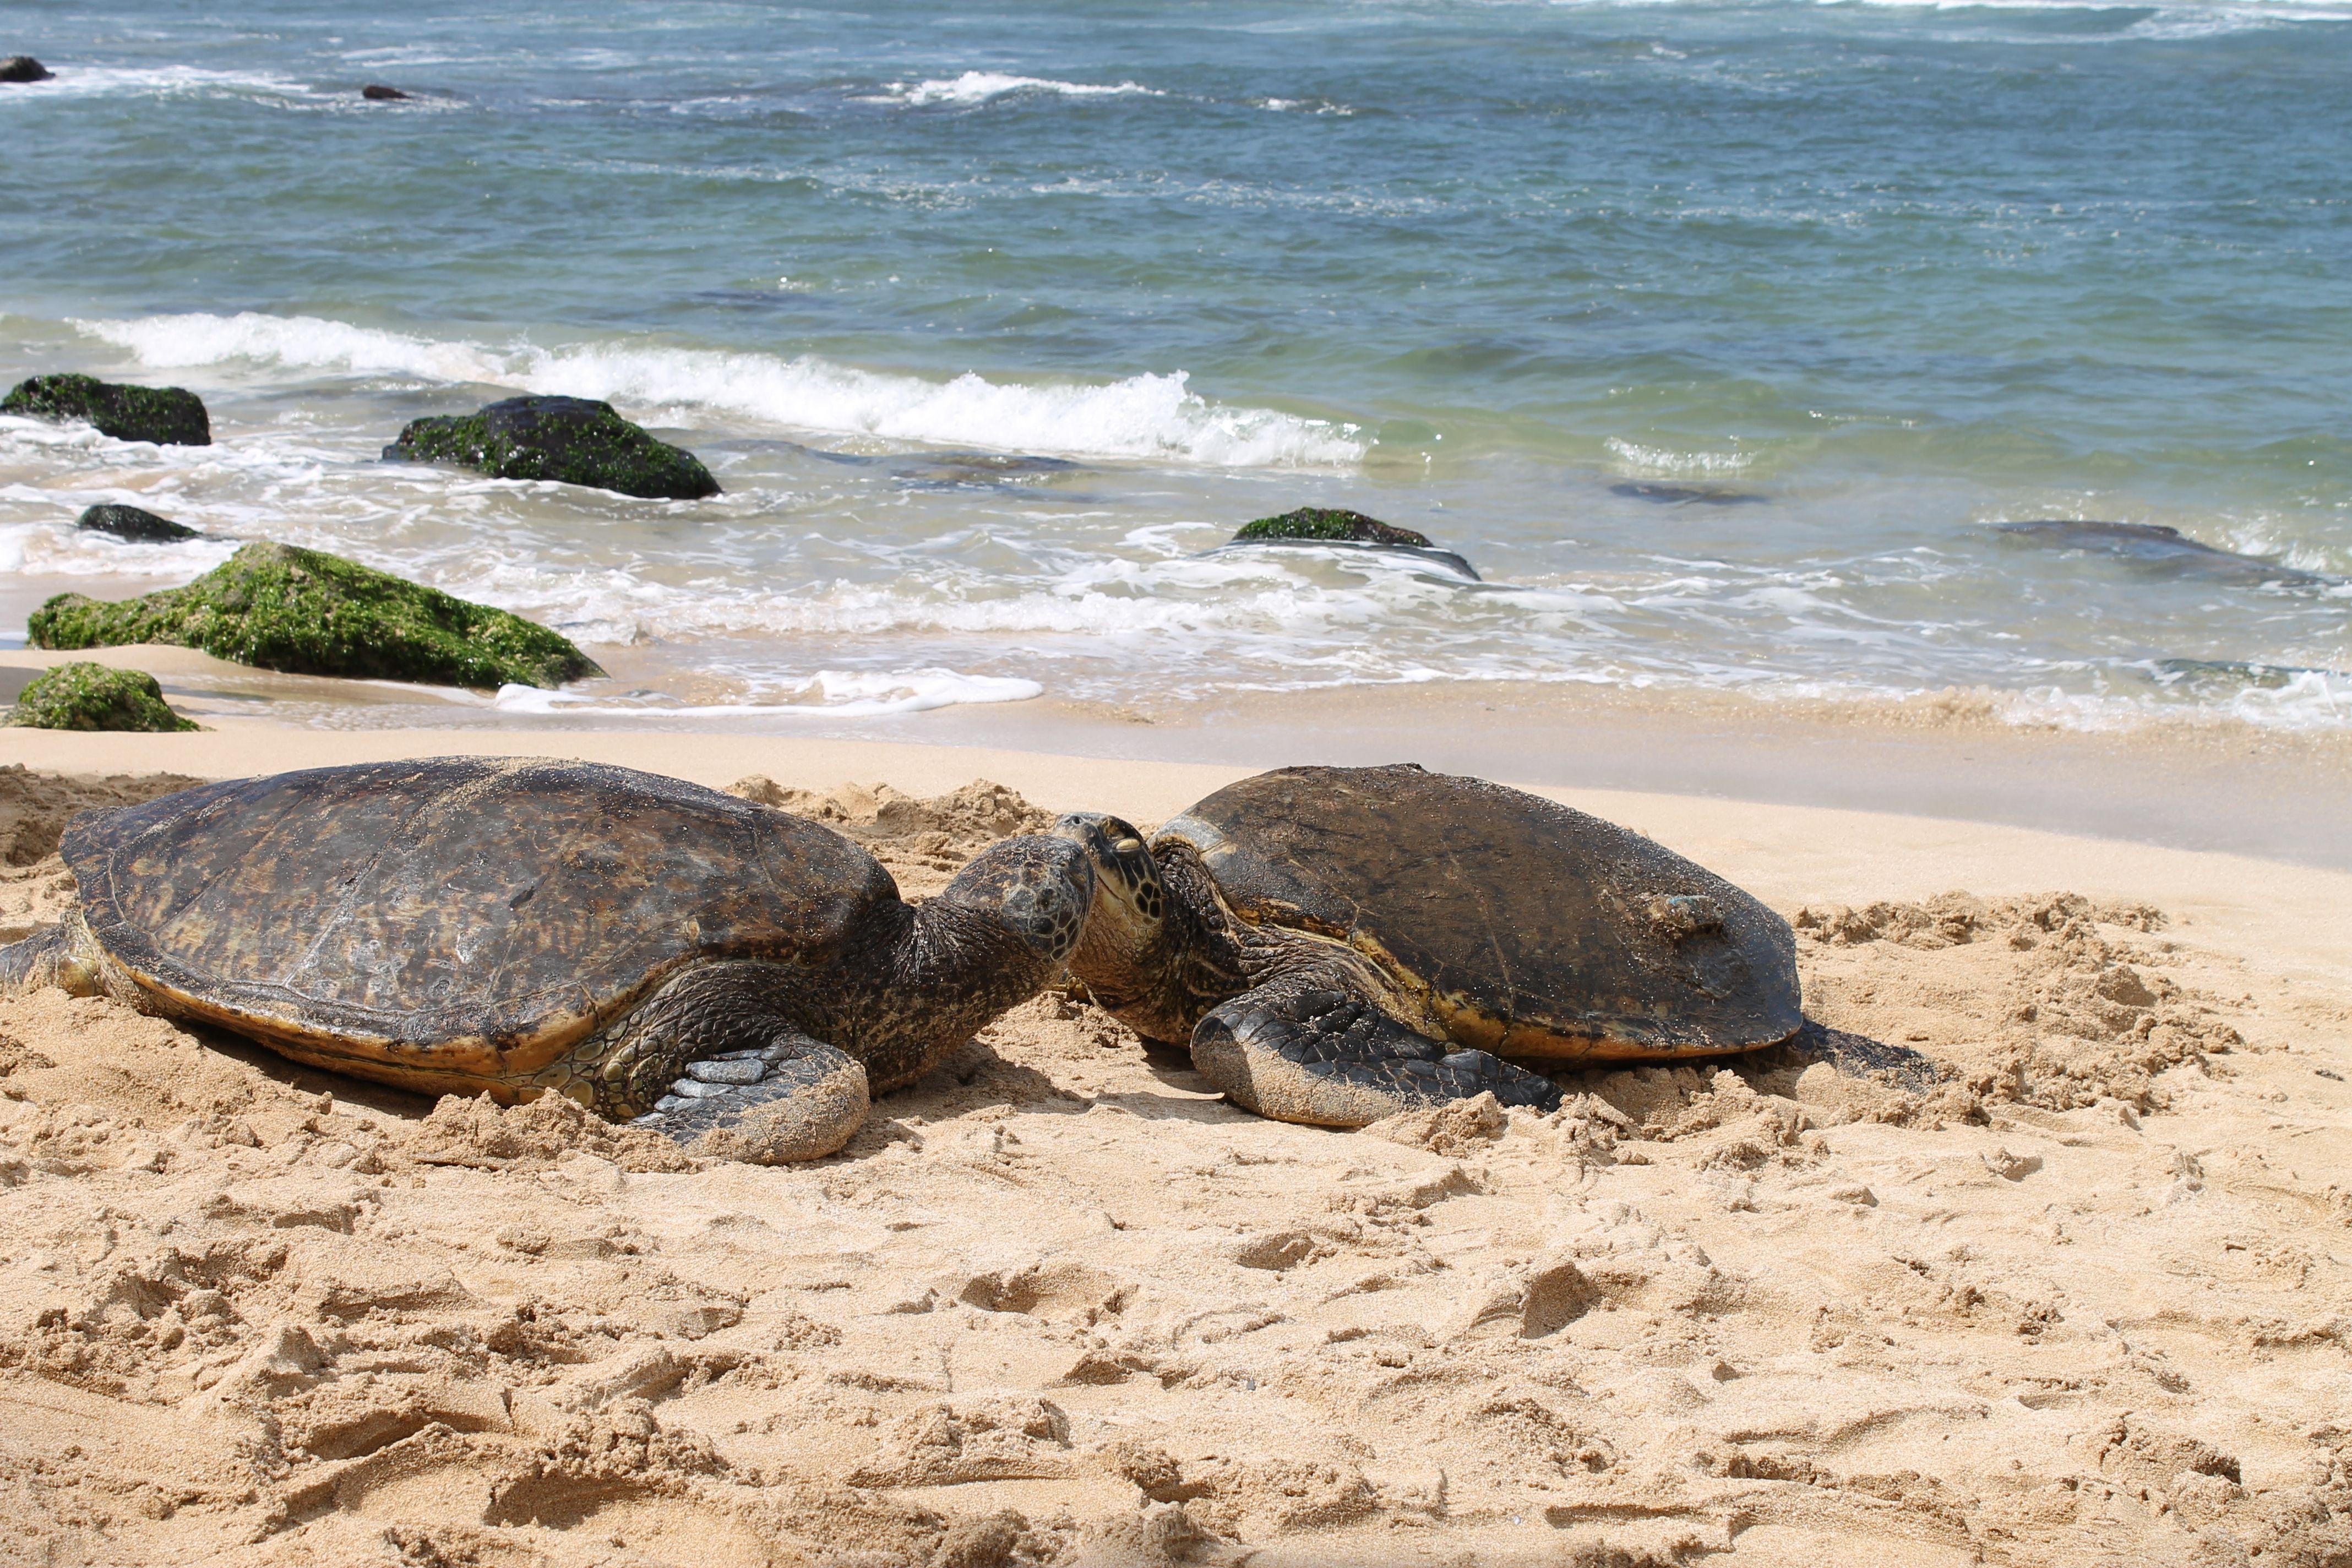 этот фото турция сиде остров черепах наличии